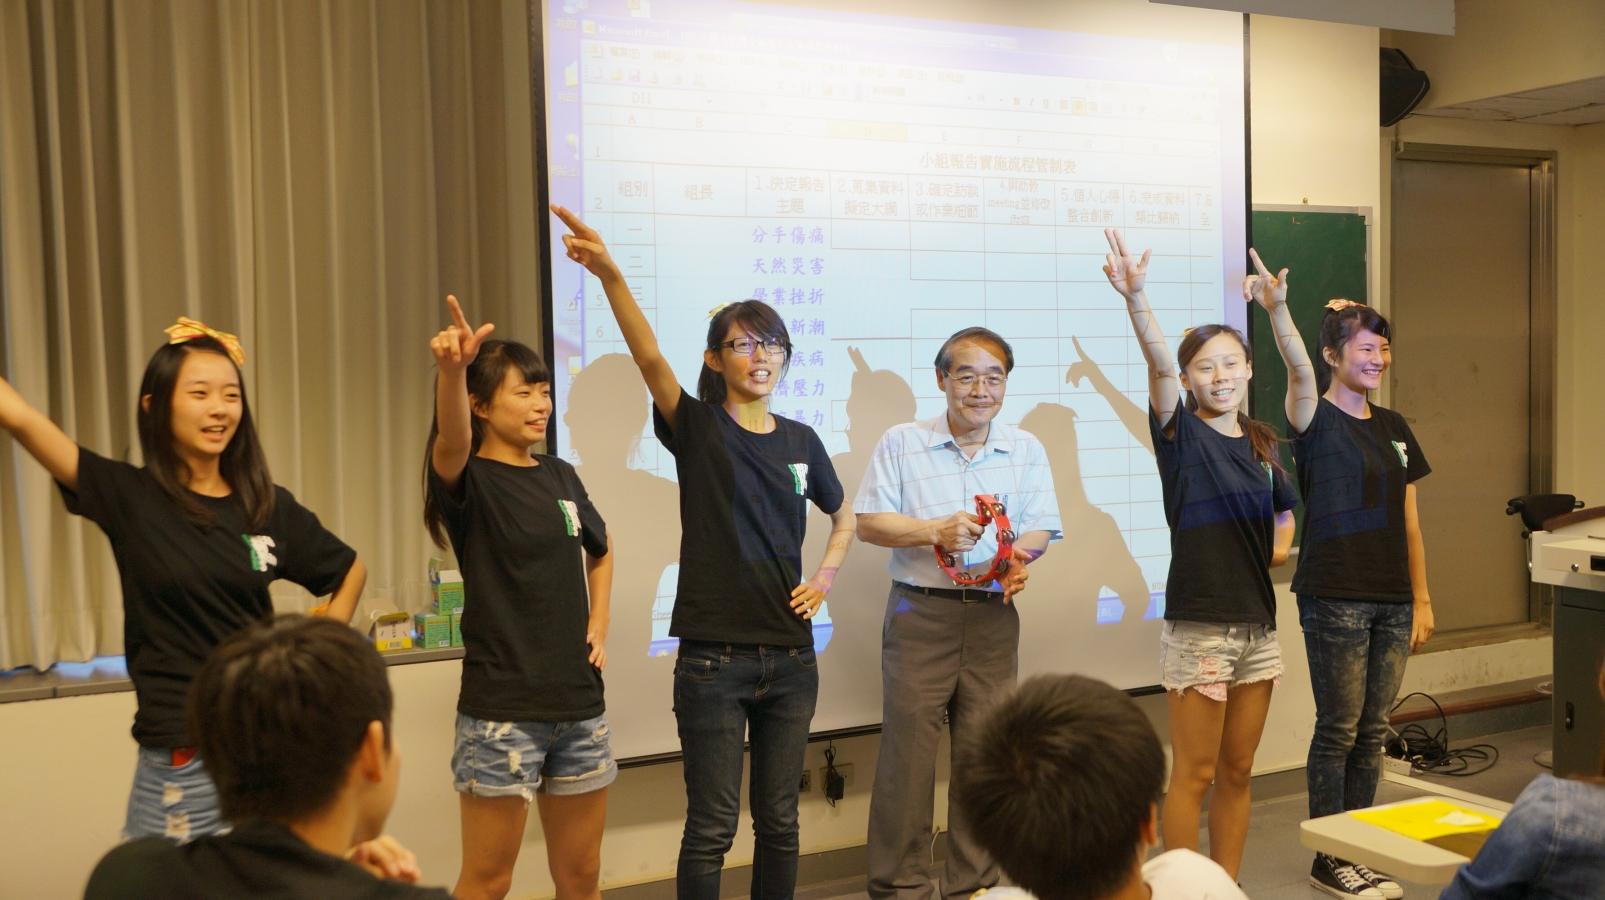 學生「快閃」獻驚喜 祝賀教師節快樂